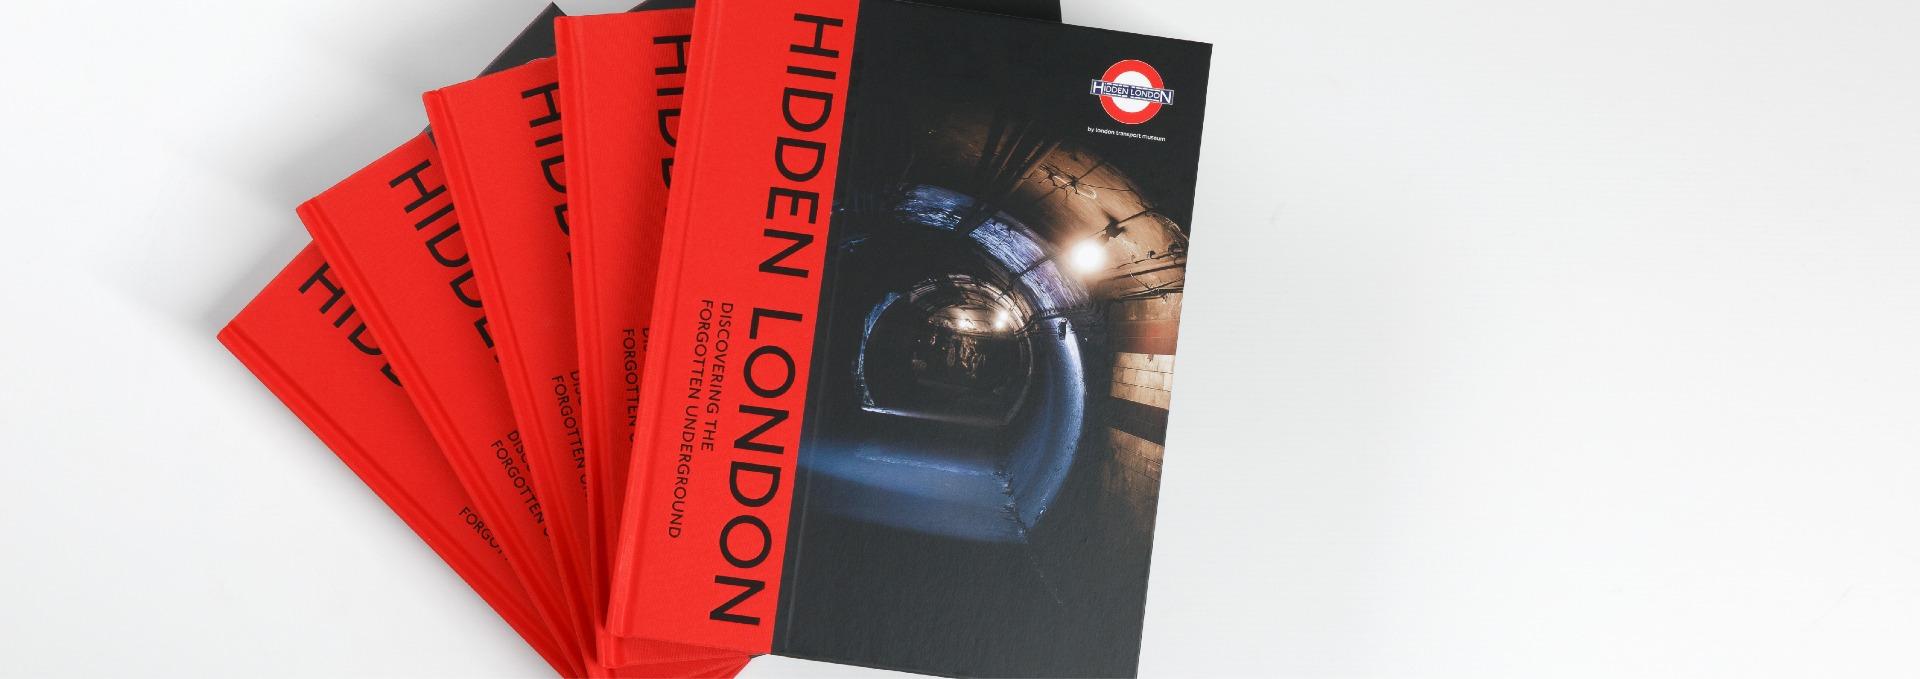 Hidden London gifts